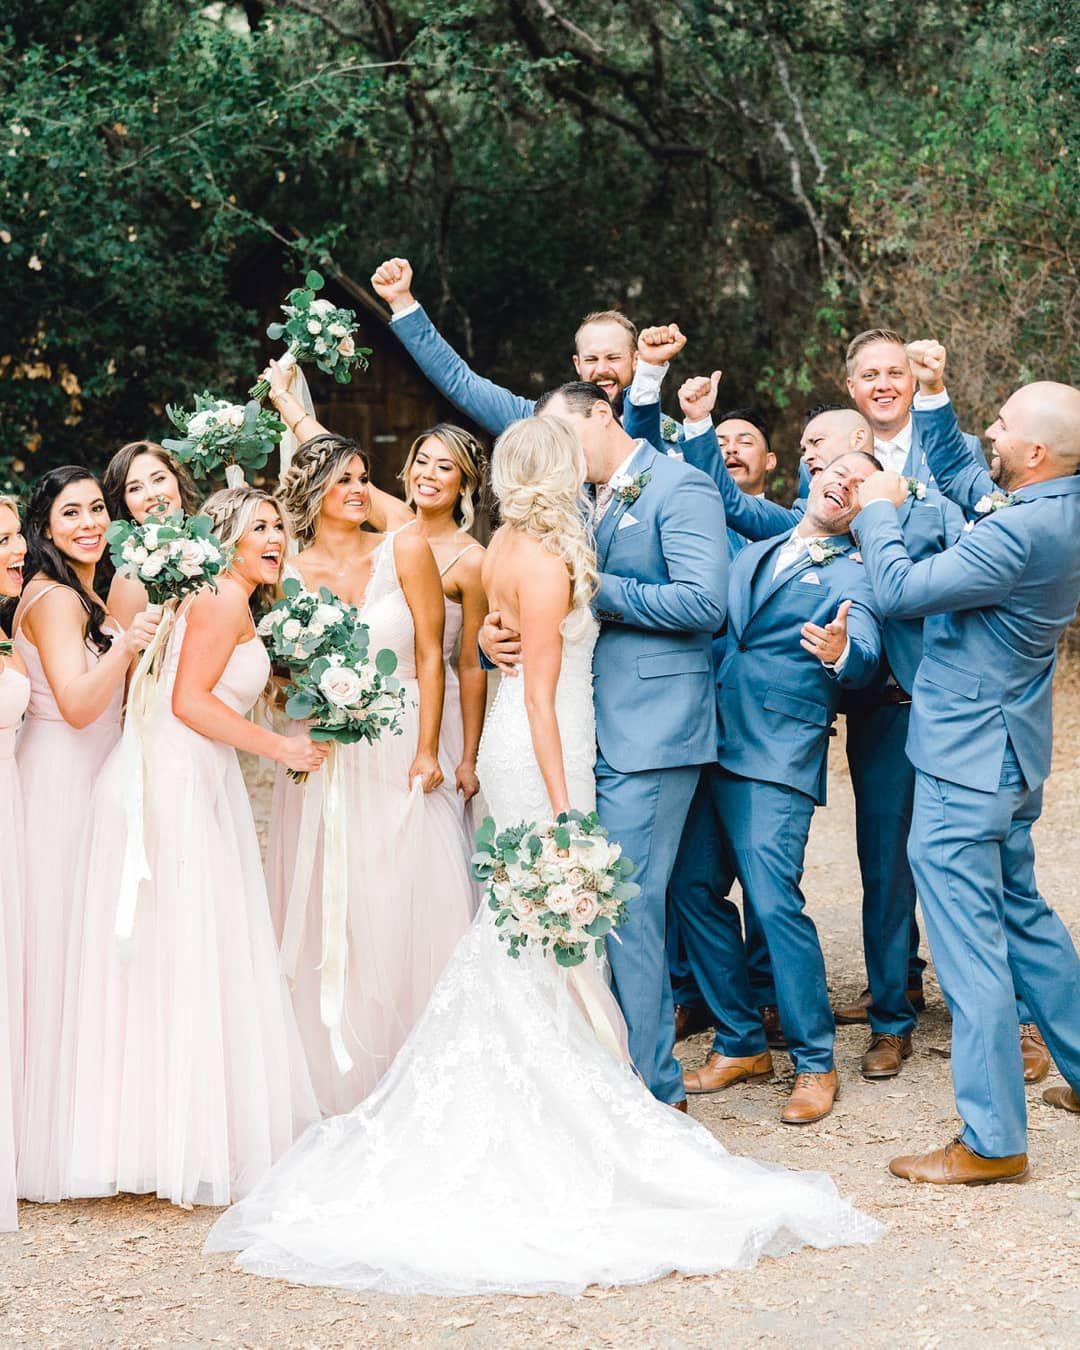 Groomsmen In Light Blue Suits Wedding Suits Groom Wedding